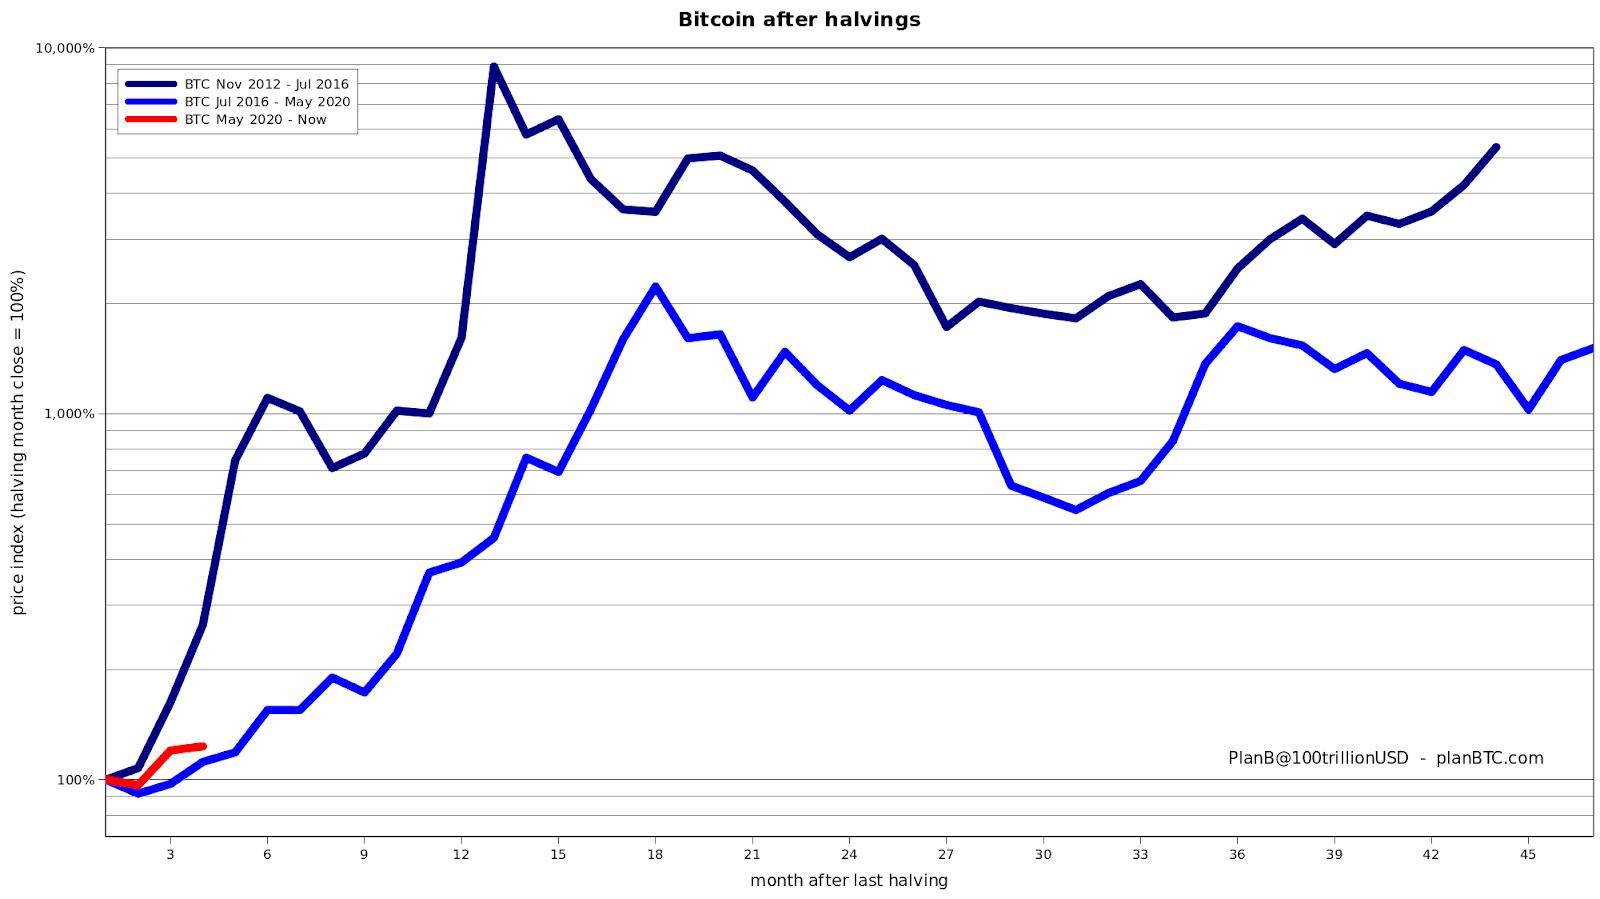 Bitcoin price post-halving comparison